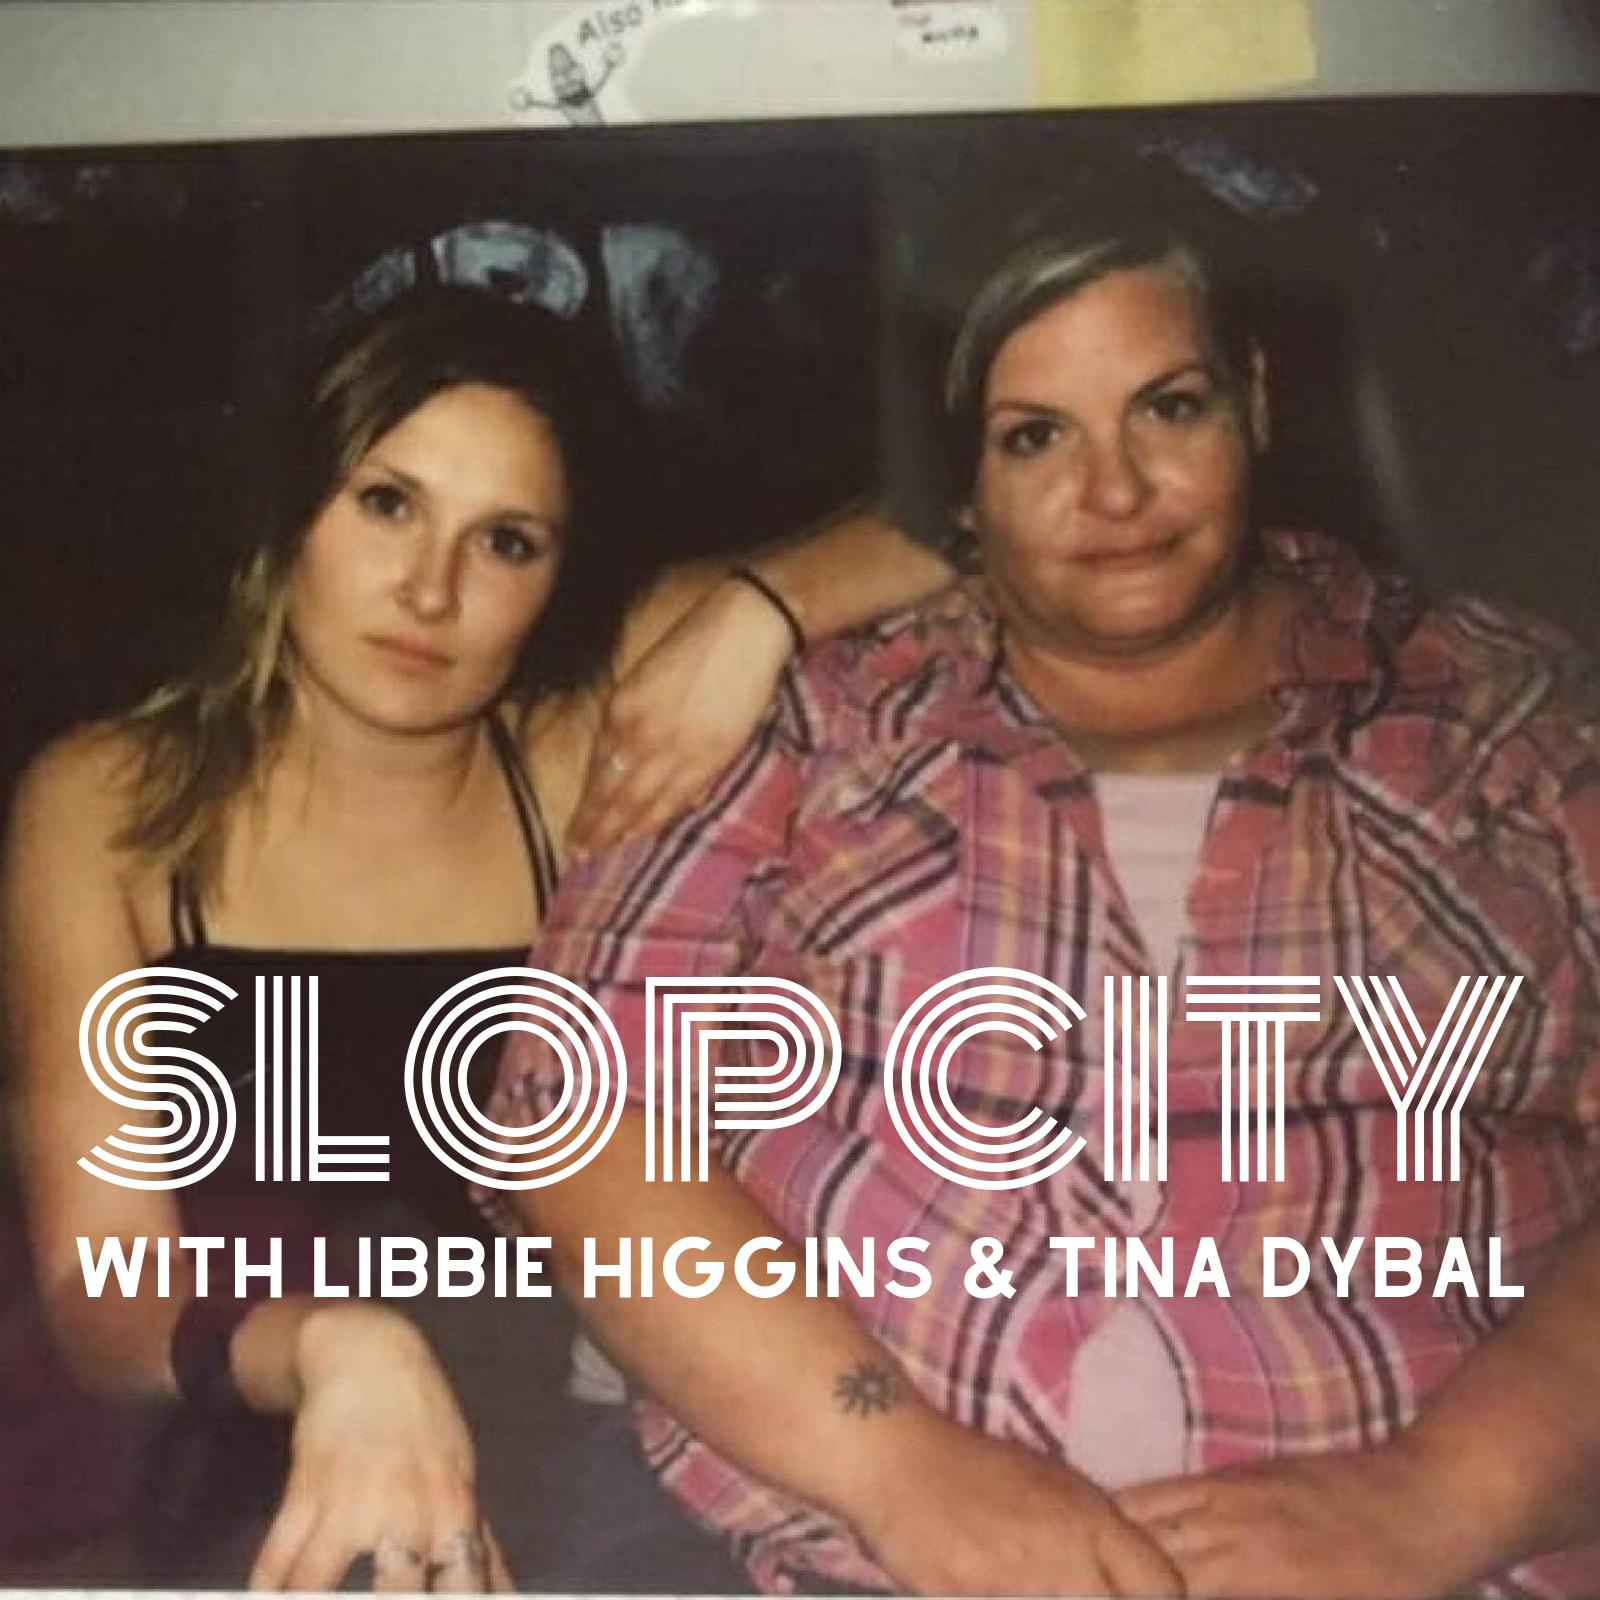 Slop City